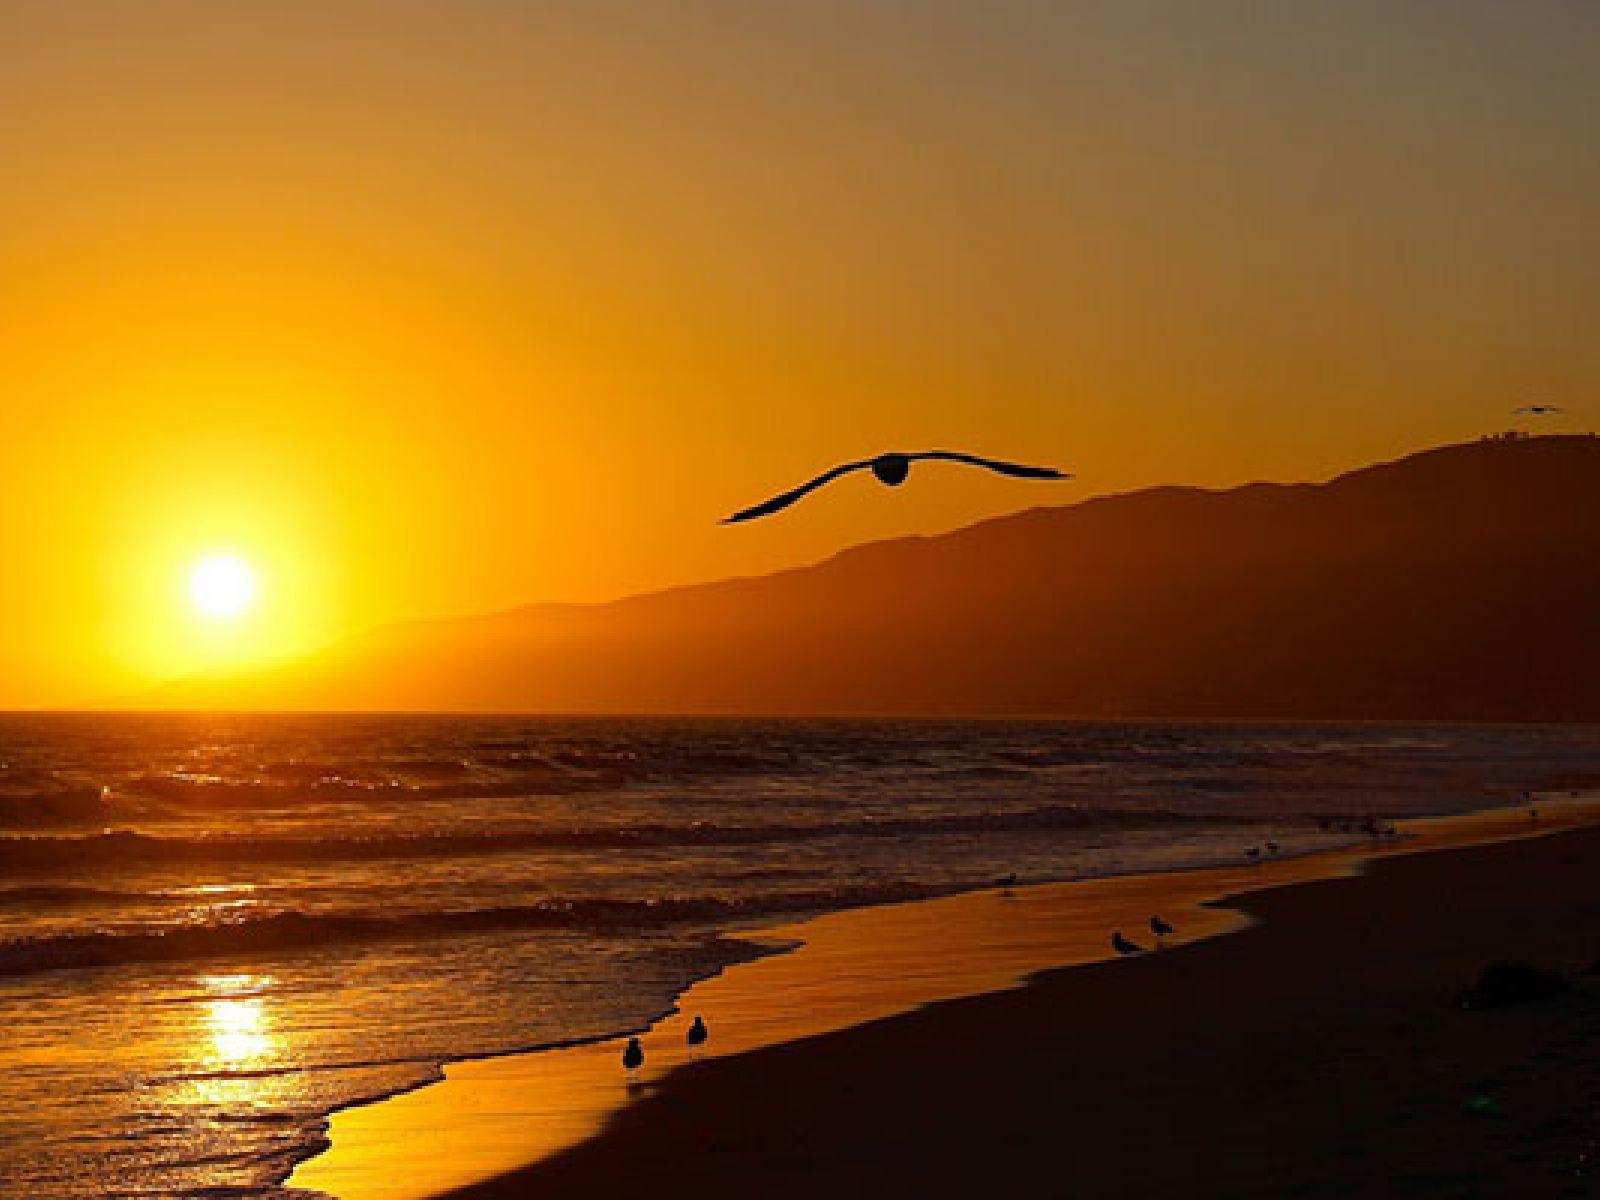 Main image for guide titled Les sept magnifiques : De la musique pour les meilleures plages de L.A.